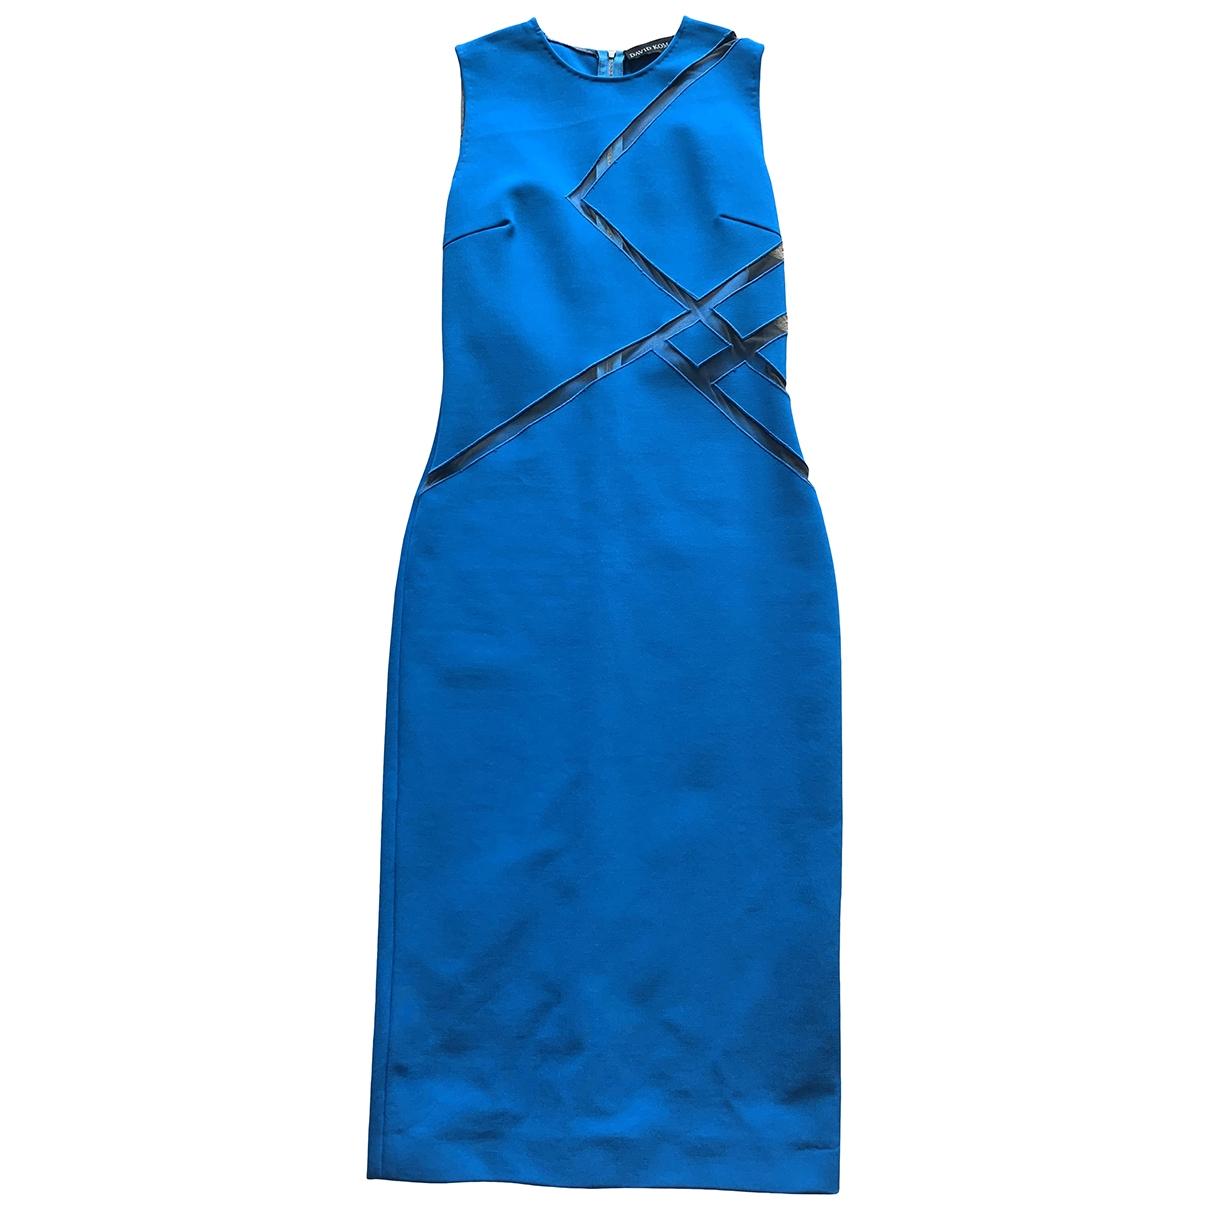 David Koma \N Kleid in  Blau Viskose